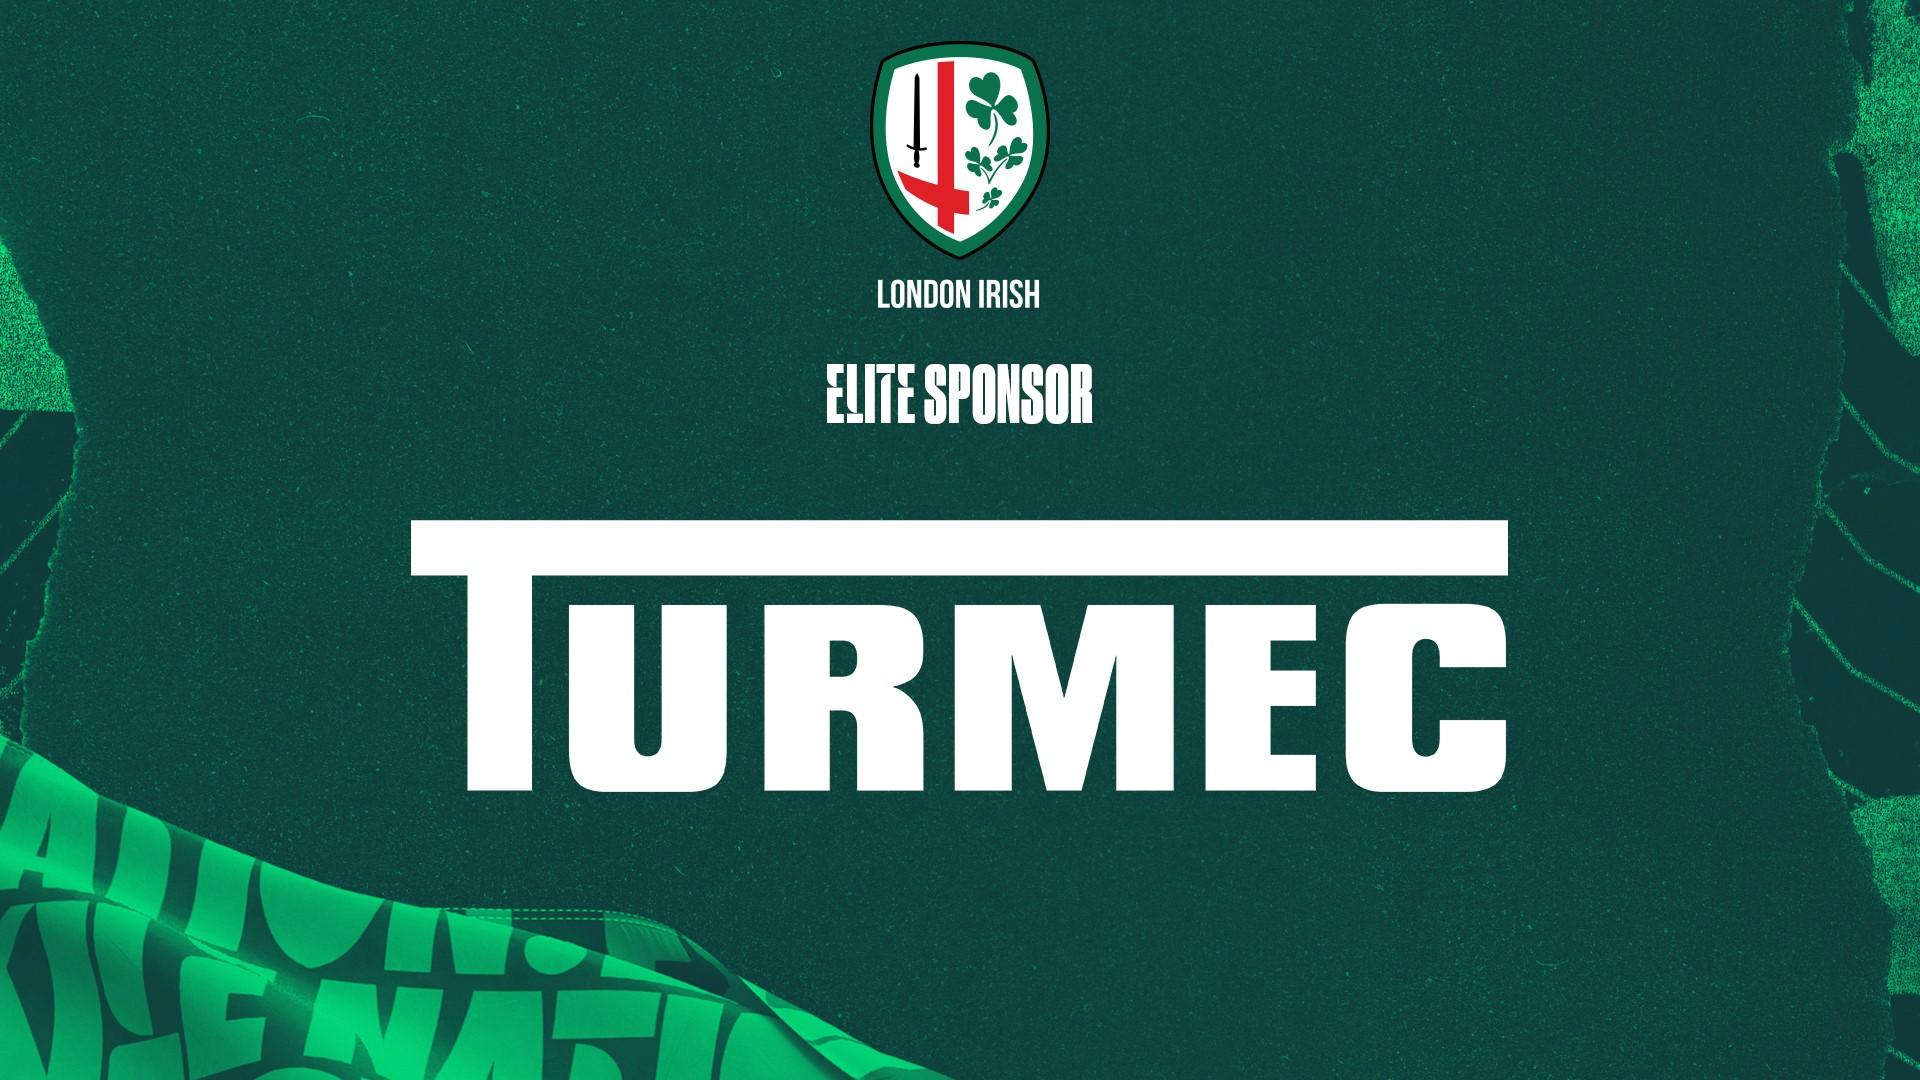 TURMEC SPONSORS LONDON IRISH RUGBY CLUB FOR 2021/2022 SEASON